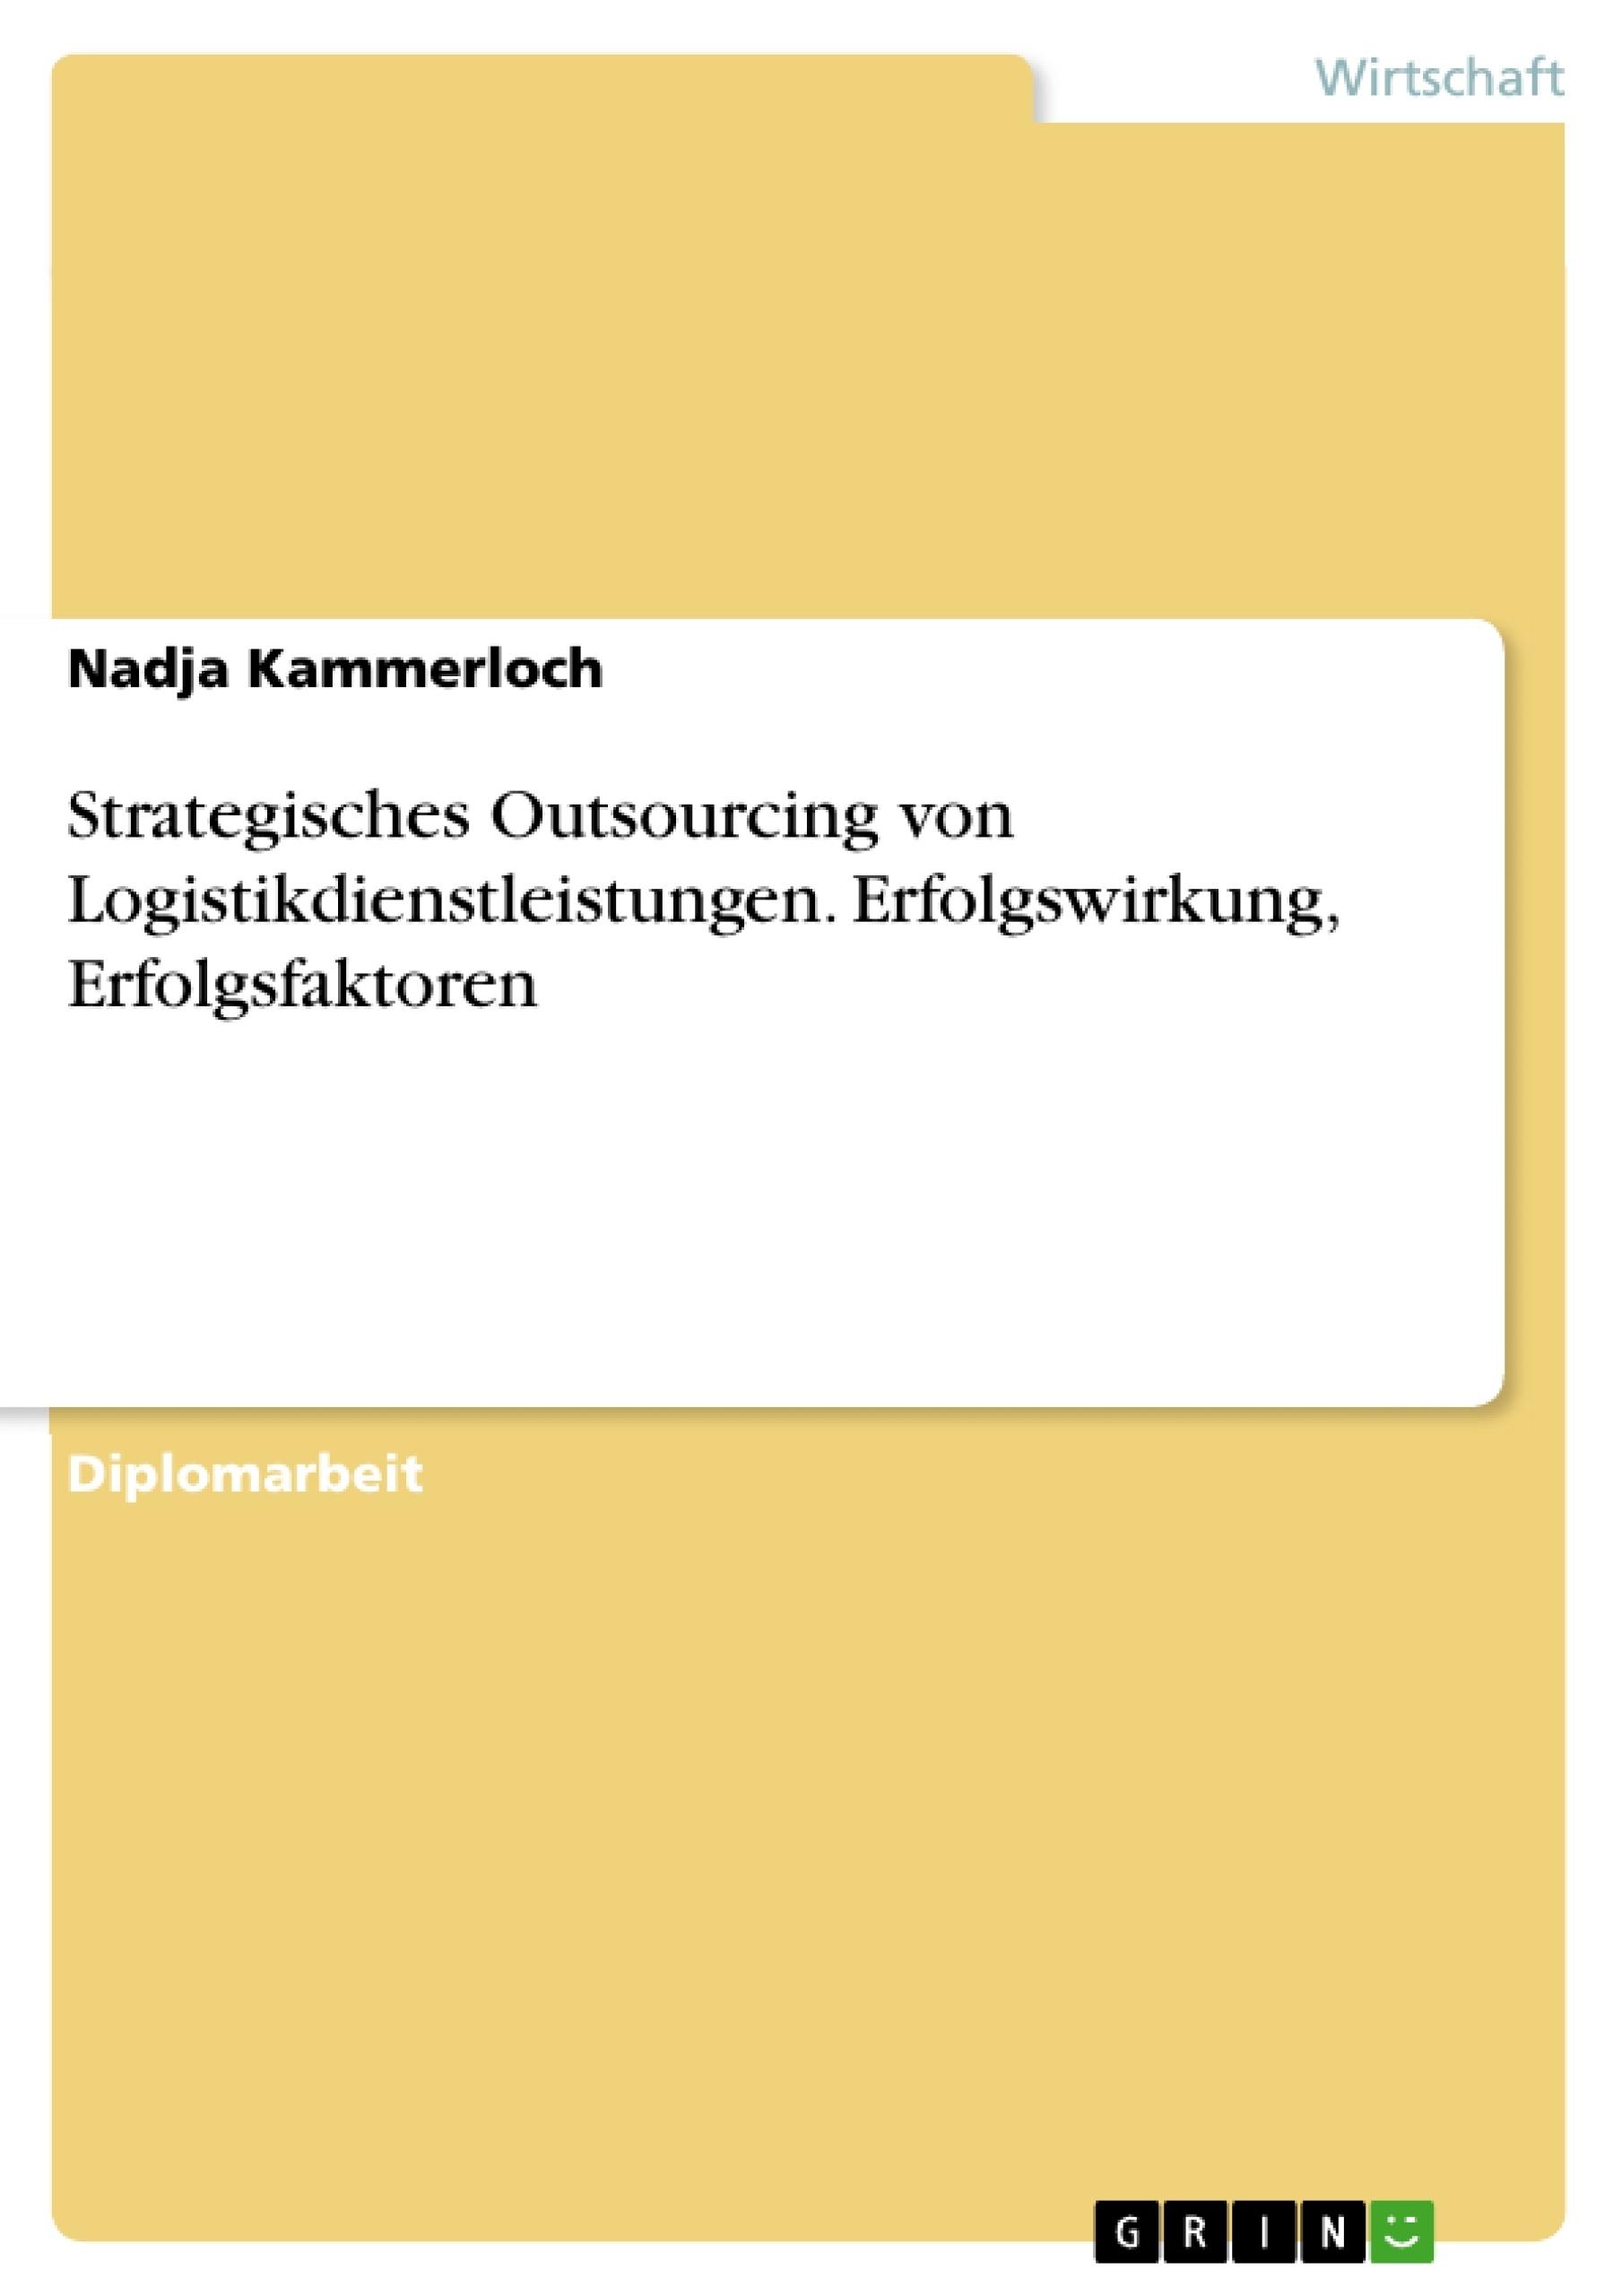 Strategisches Outsourcing von Logistikdienstleistungen ...